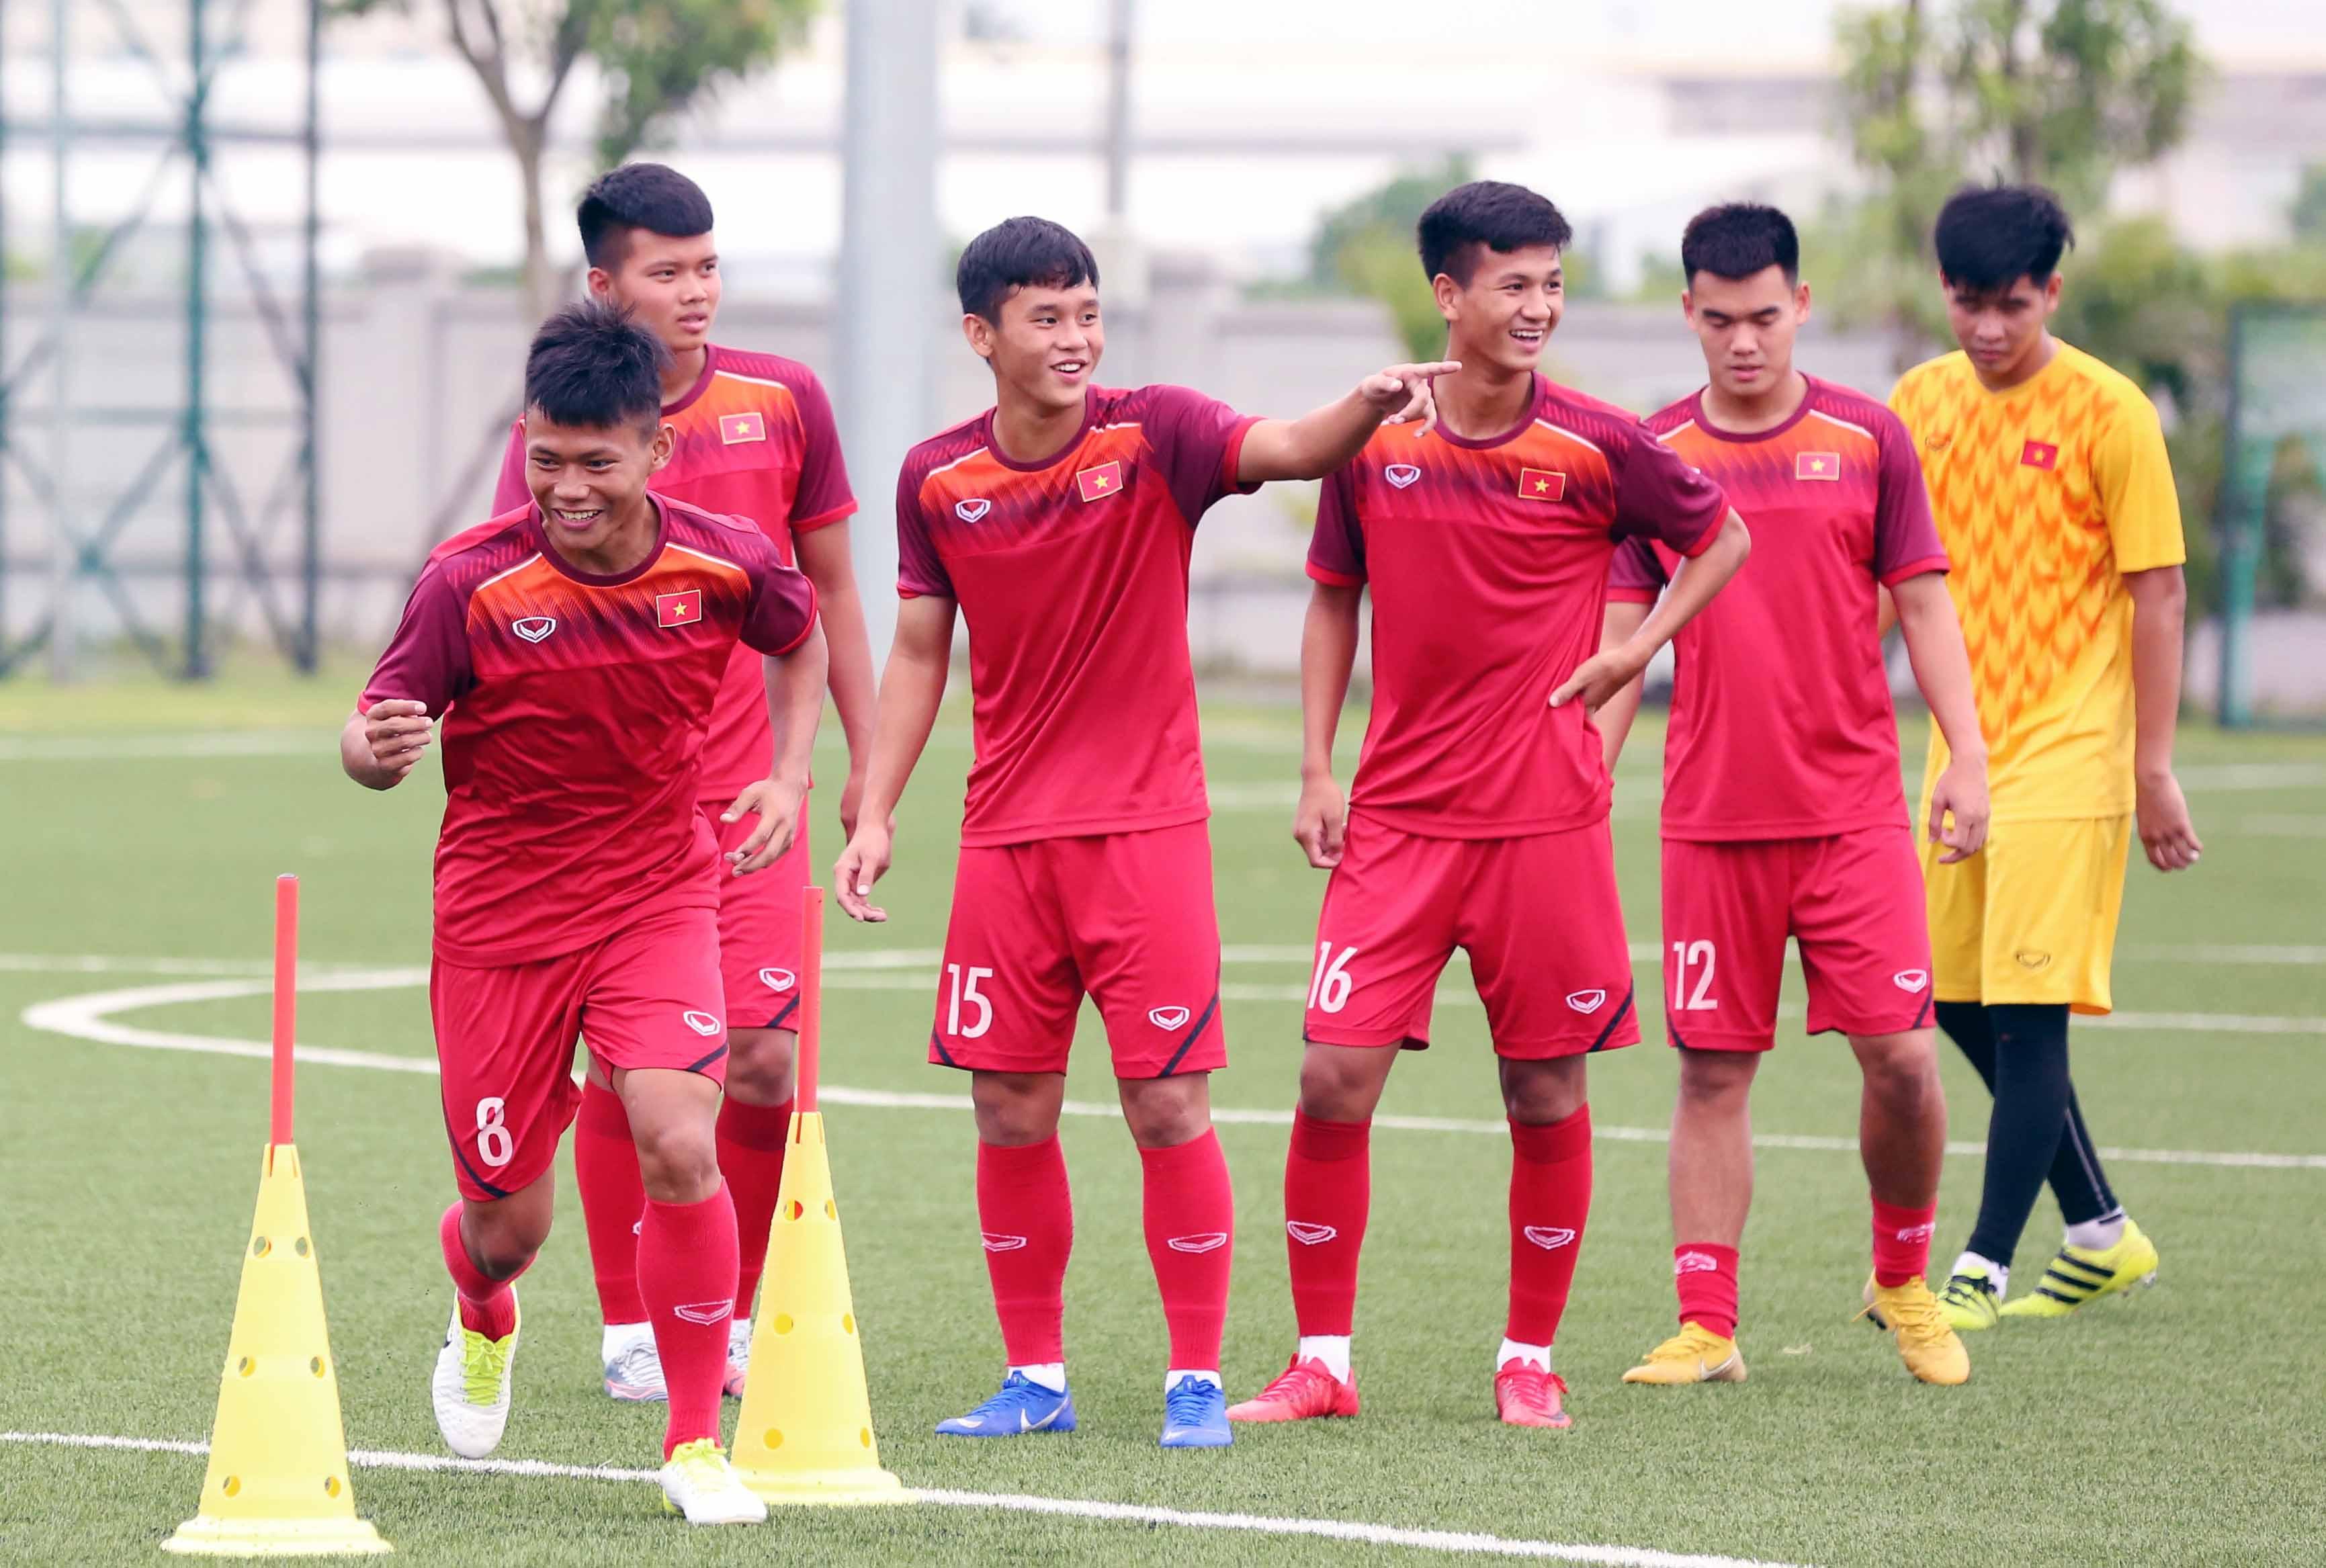 Danh sách ĐT U19 Việt Nam tập trung chuẩn bị cho Vòng loại U19 châu Á 2020 (Giai đoạn 1)